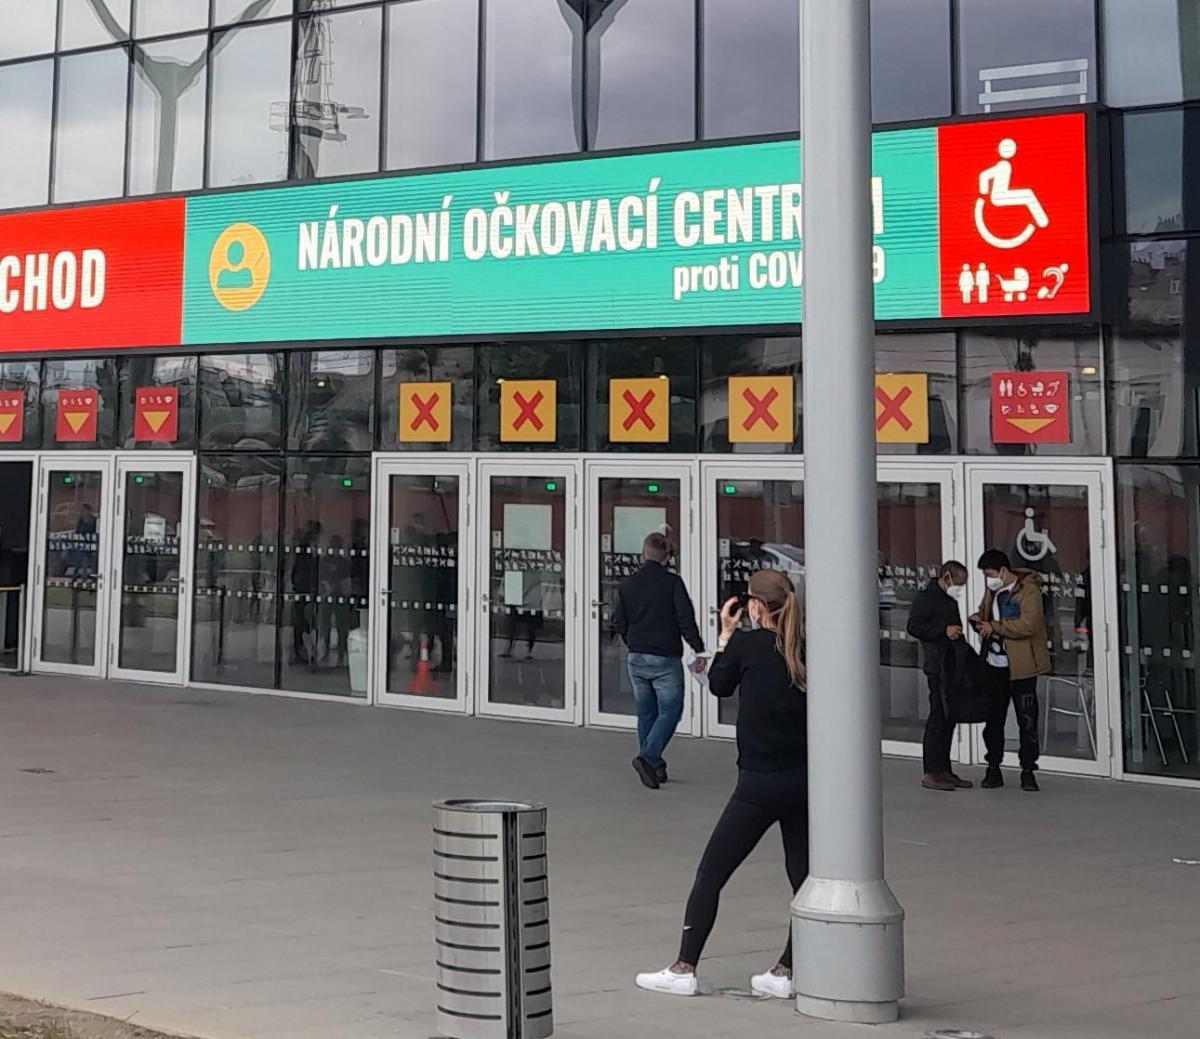 Očkovací centrum - ilustrační snímek. Foto MoravskeListy.cz